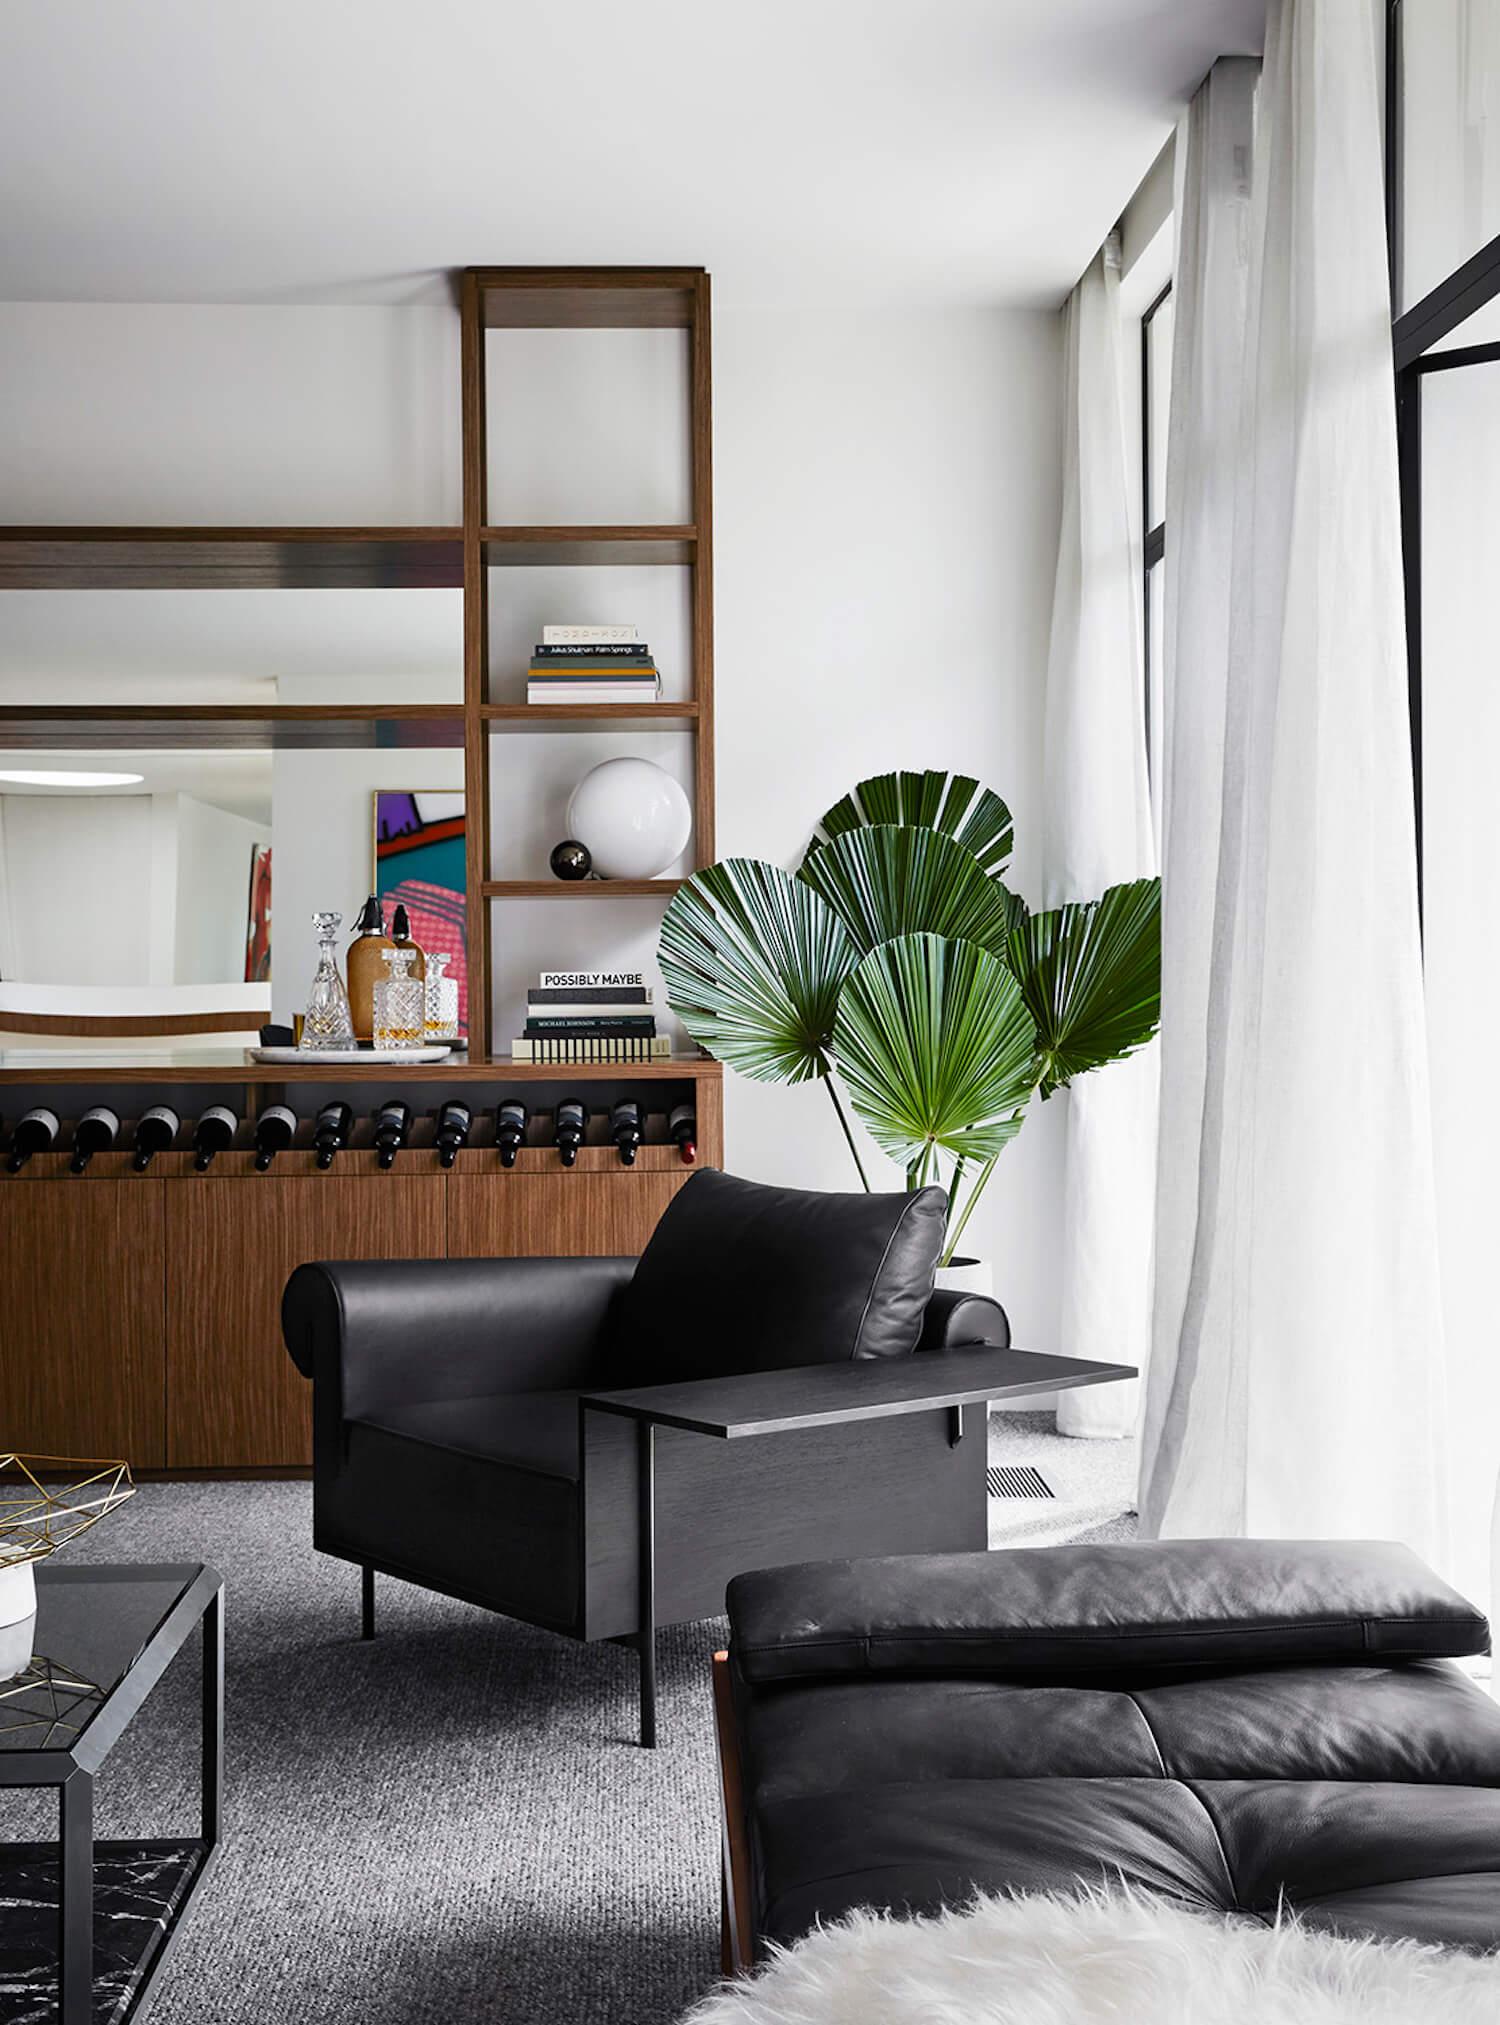 est living mim design caulfield home sharyn cairns 5